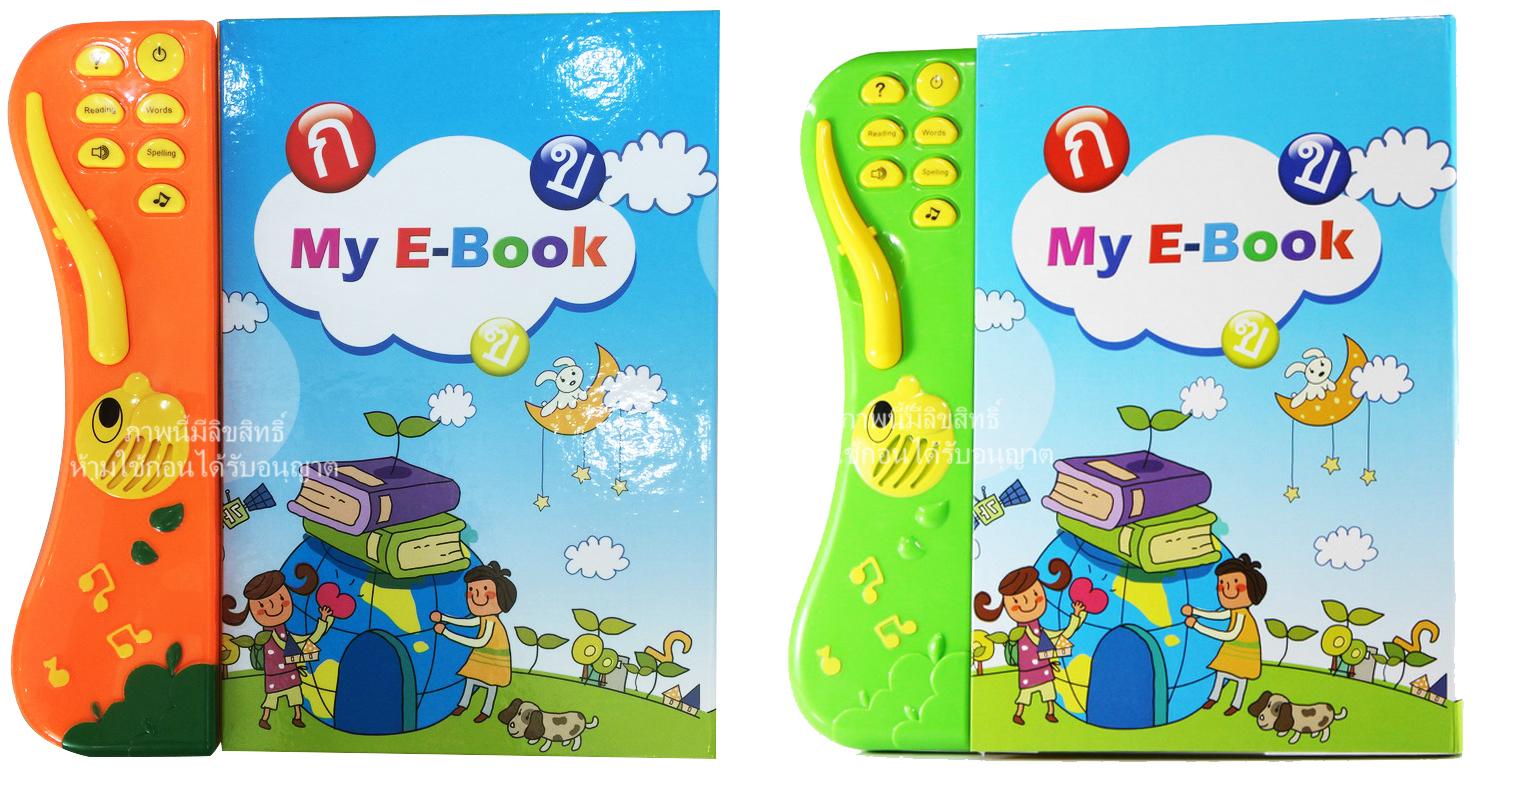 หนังสือฝึกอ่านภาษาไทย-อังกฤษ อัจฉริยะ My E-Book